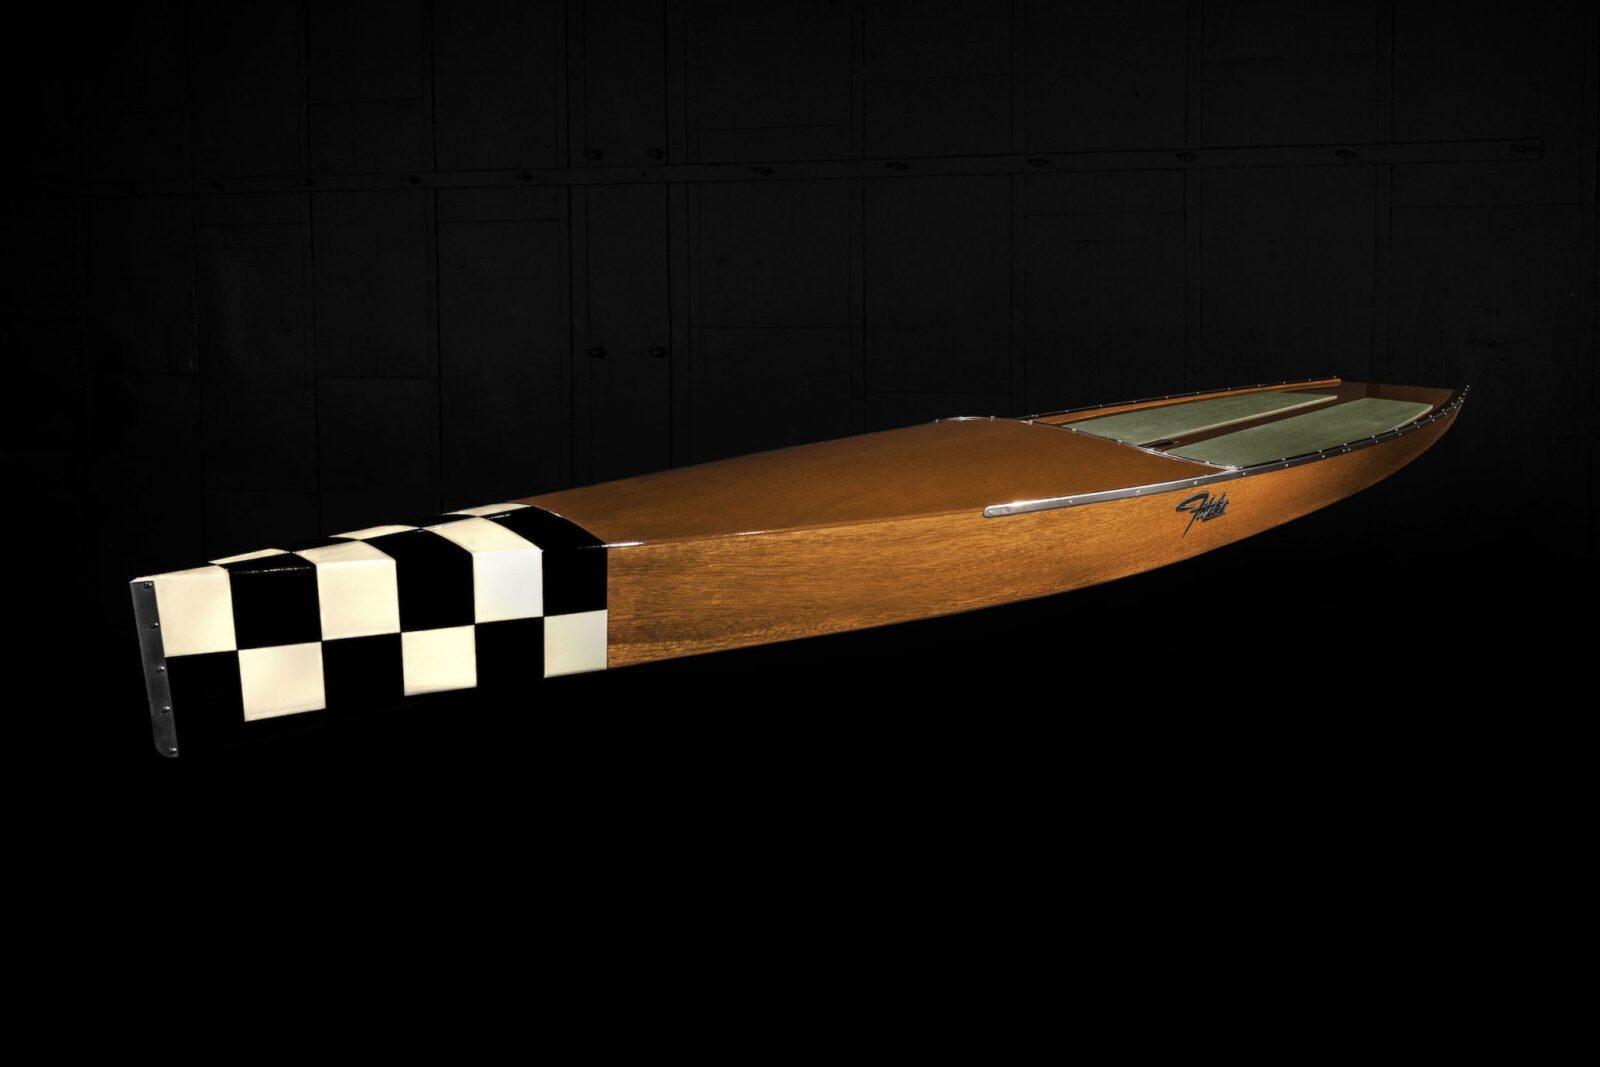 Fitzke Paddleboard 1600x1067 - Bootlegger Fitzke Paddleboard